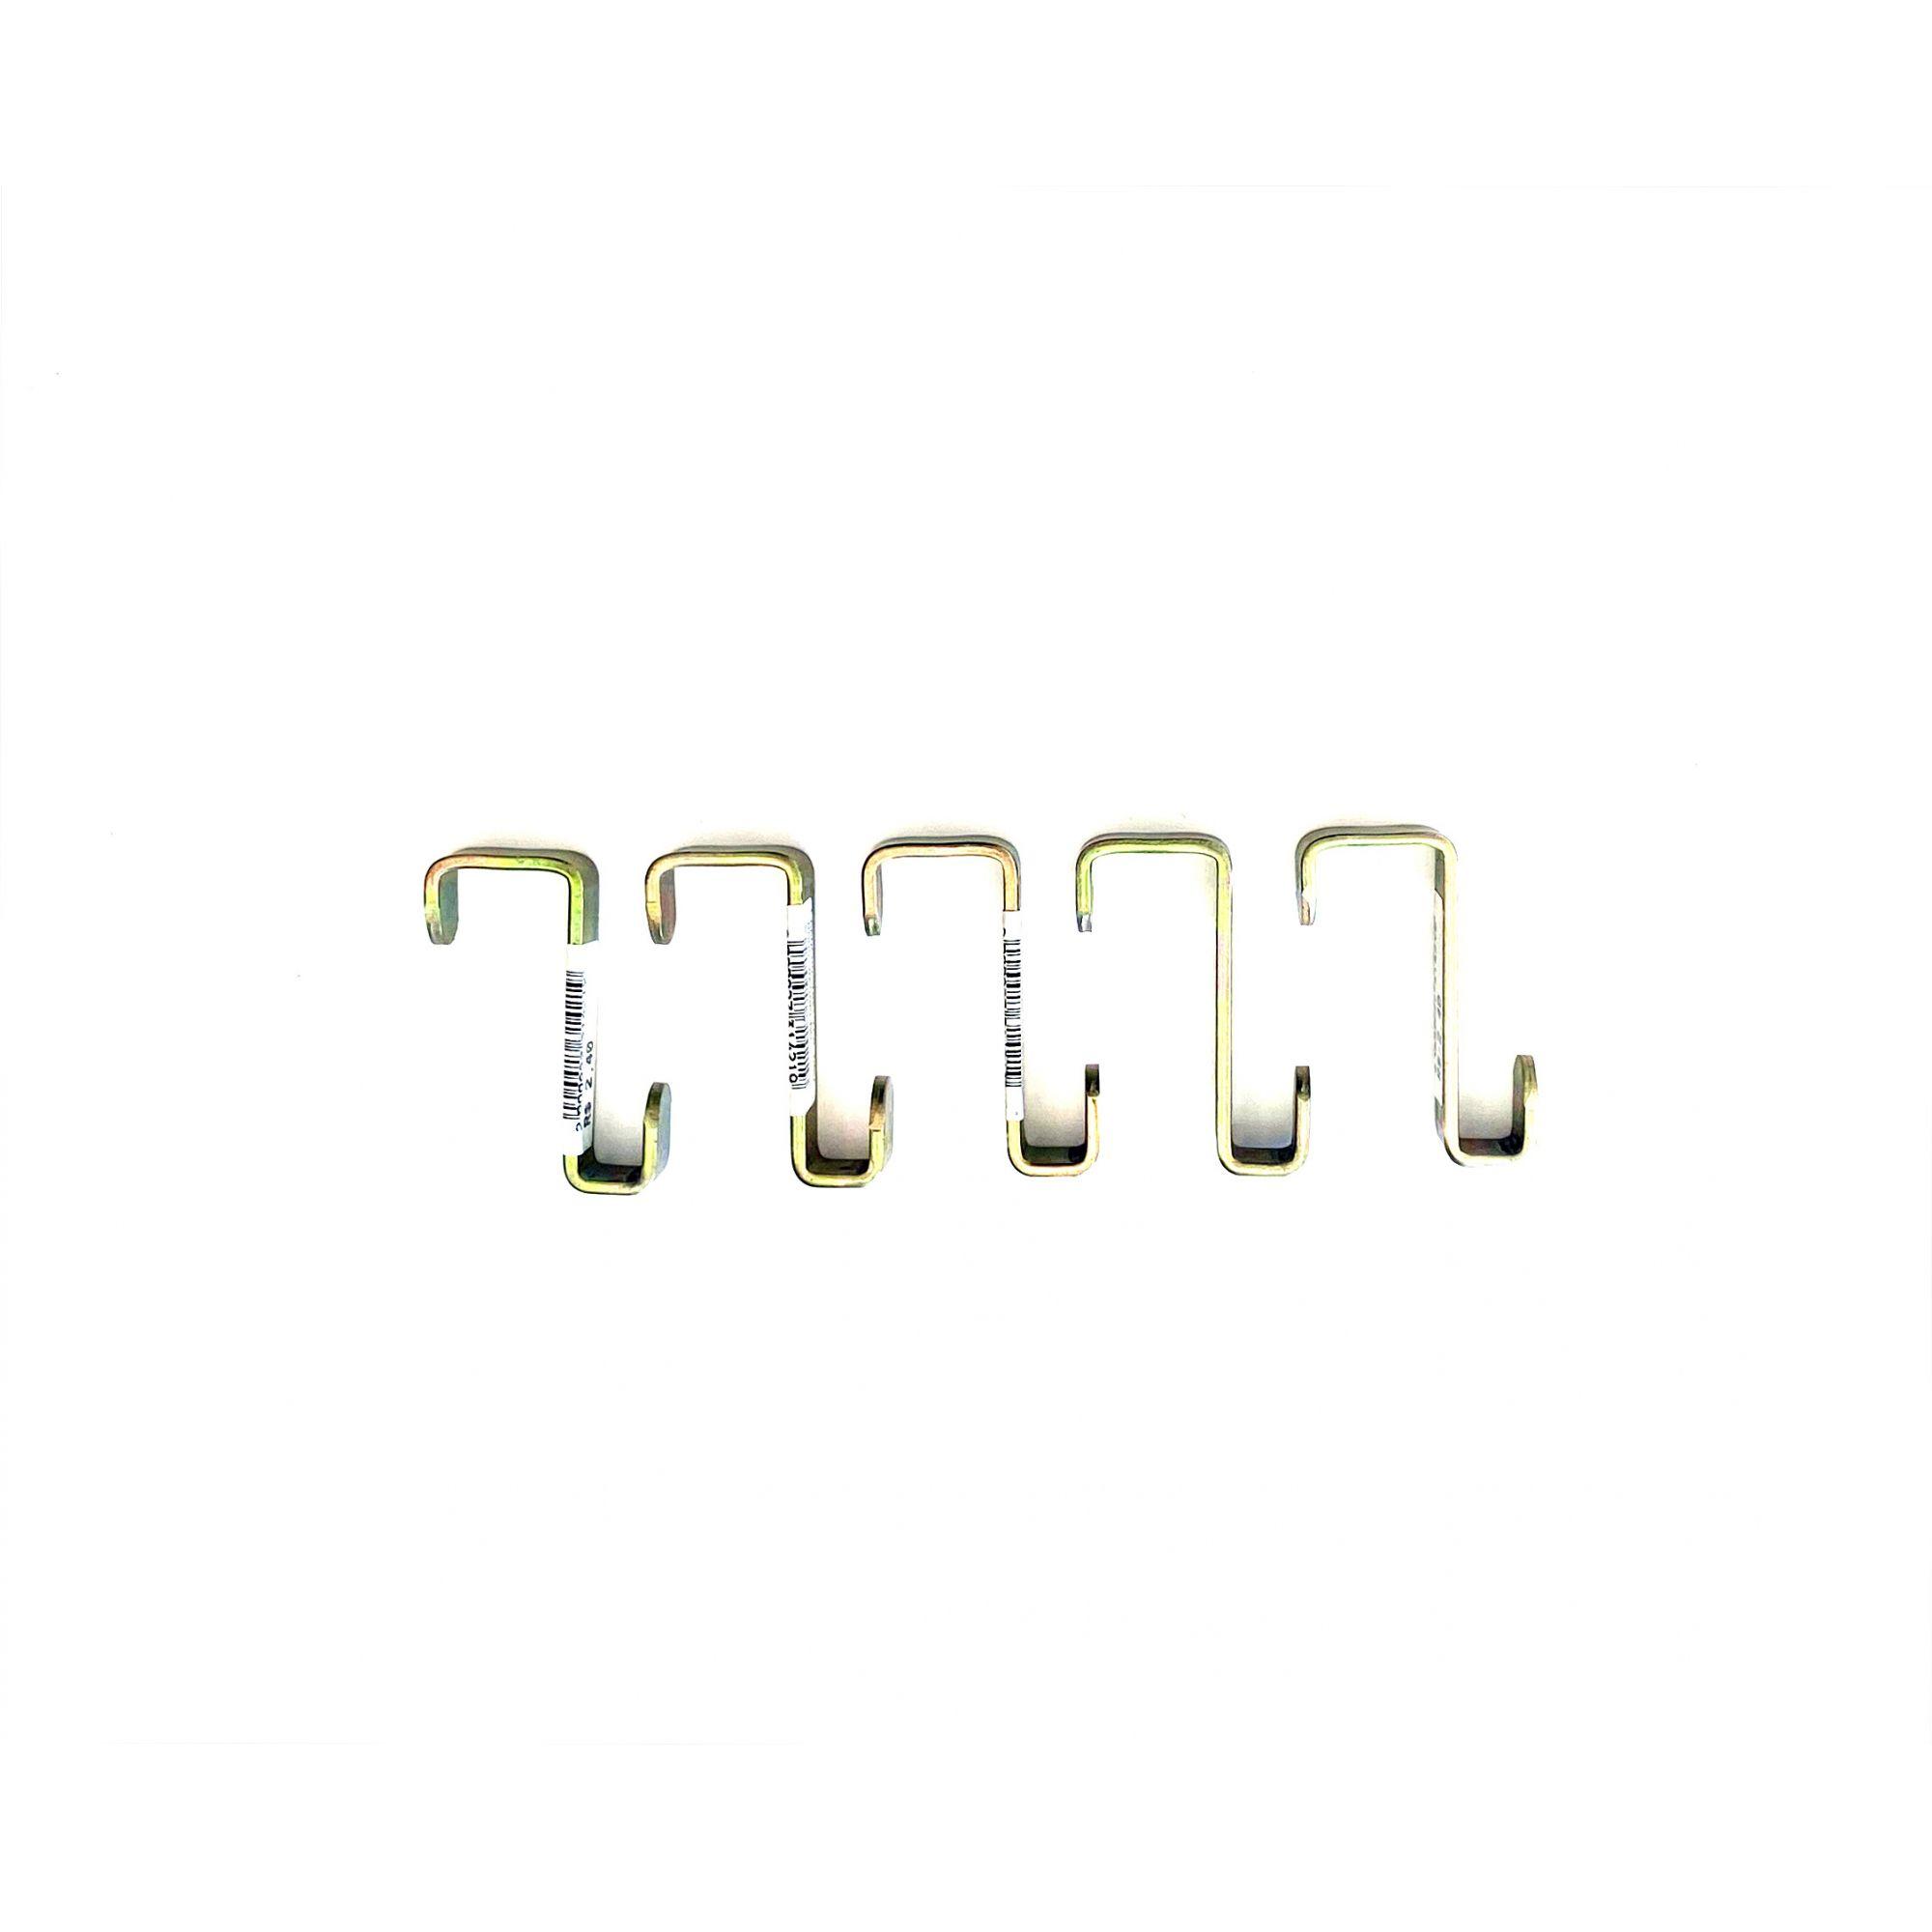 Gancho Treliça Dourado  c/ 5 unidades